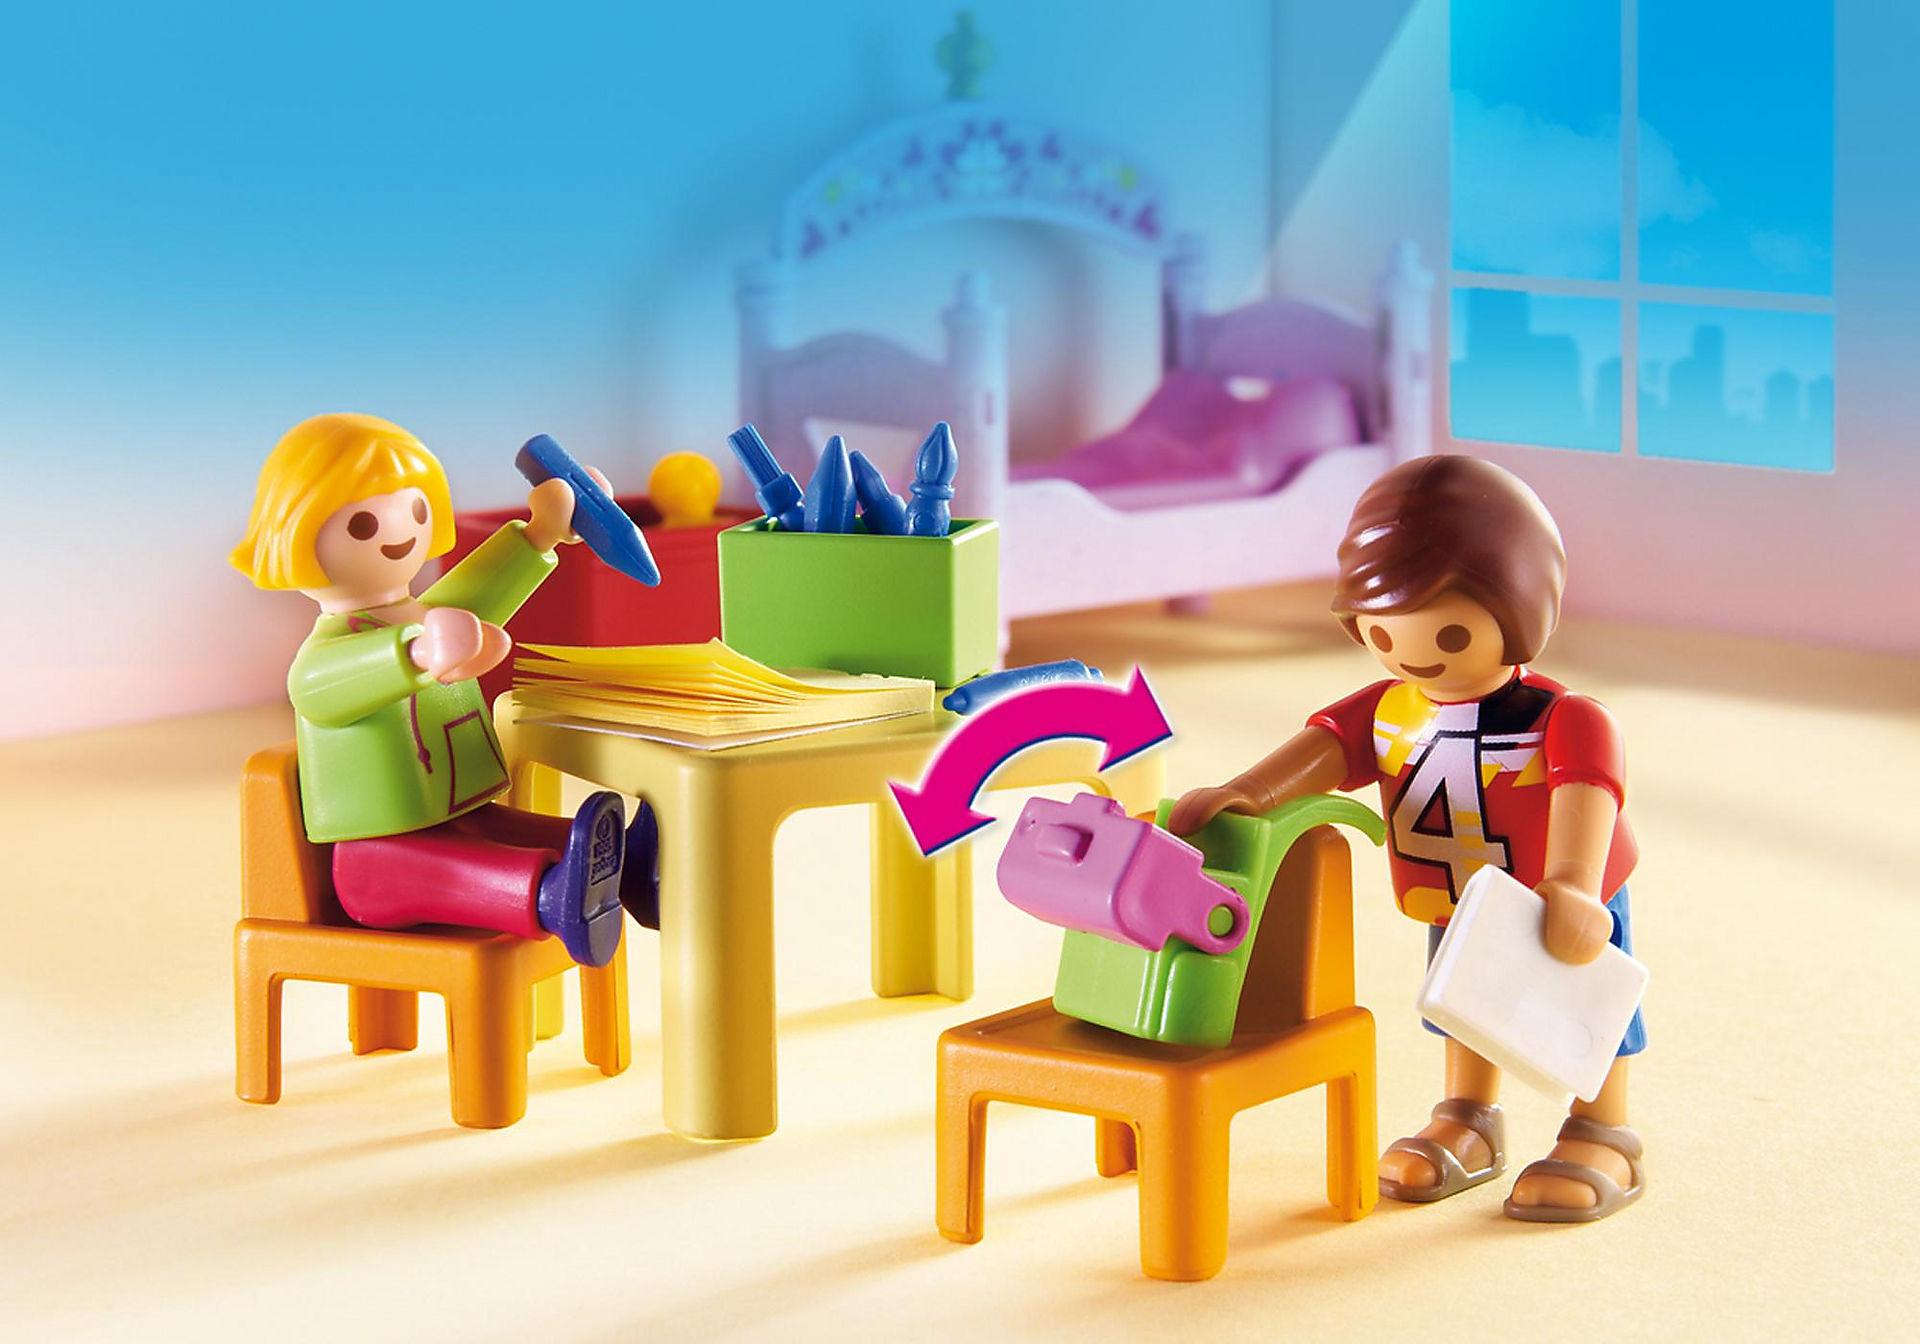 http://media.playmobil.com/i/playmobil/5306_product_extra2/Kolorowy pokój dziecięcy